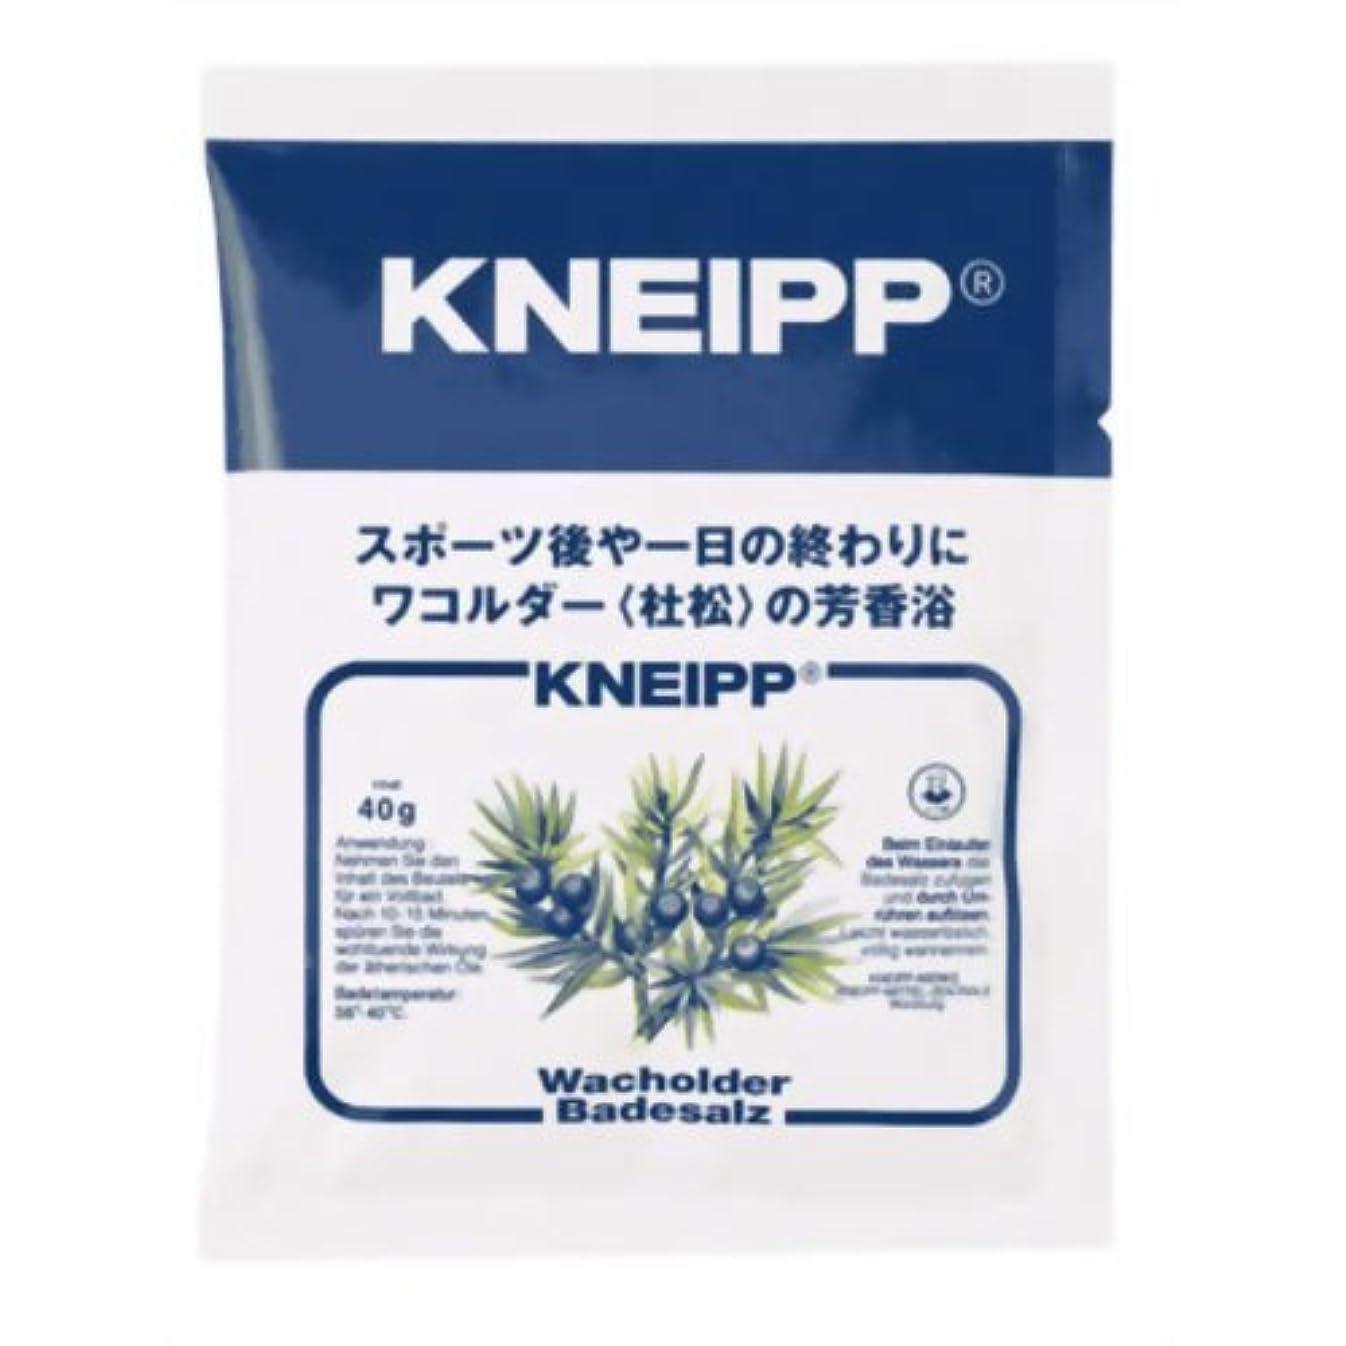 コンチネンタル柔らかい足グリルクナイプ バスソルト ワコルダーの香り 40g(入浴剤 バスソルト)